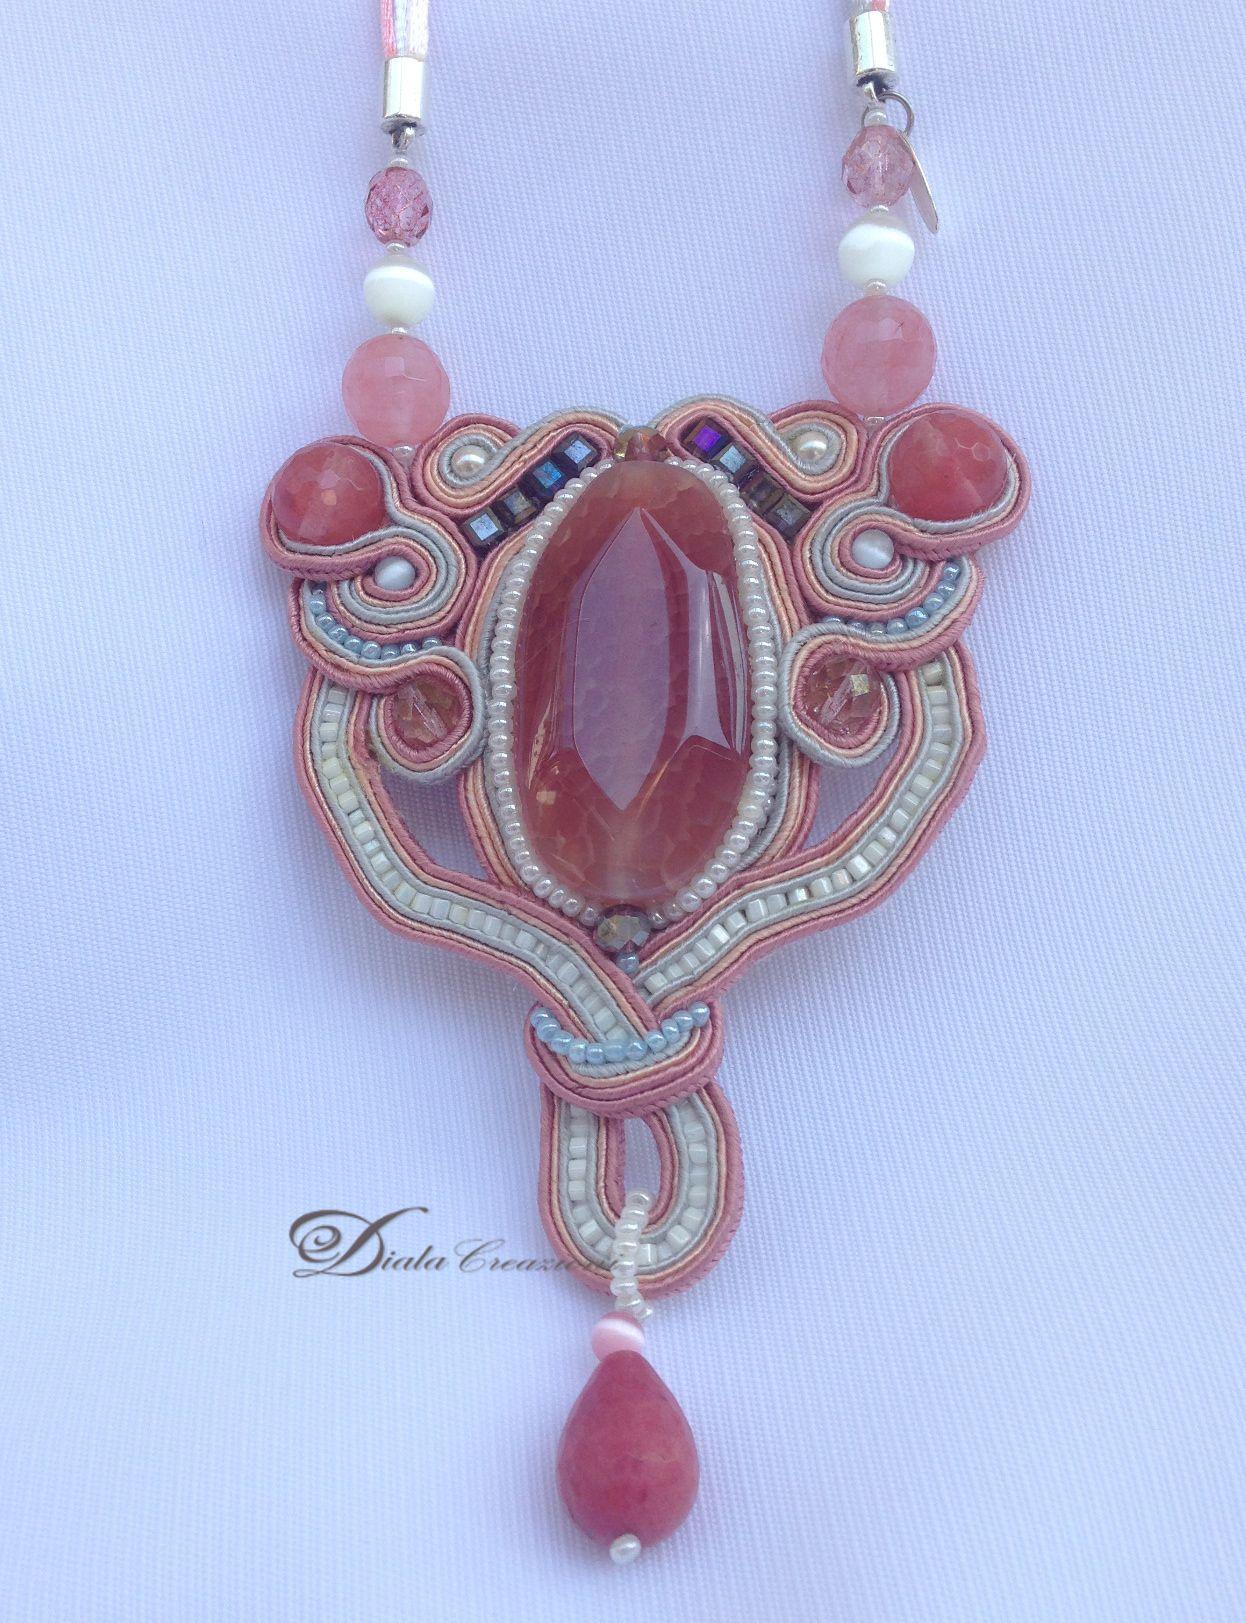 Collana vintage in lavorazione soutache con cabochon  di giada rosa, con perle e goccia di giada rosa.